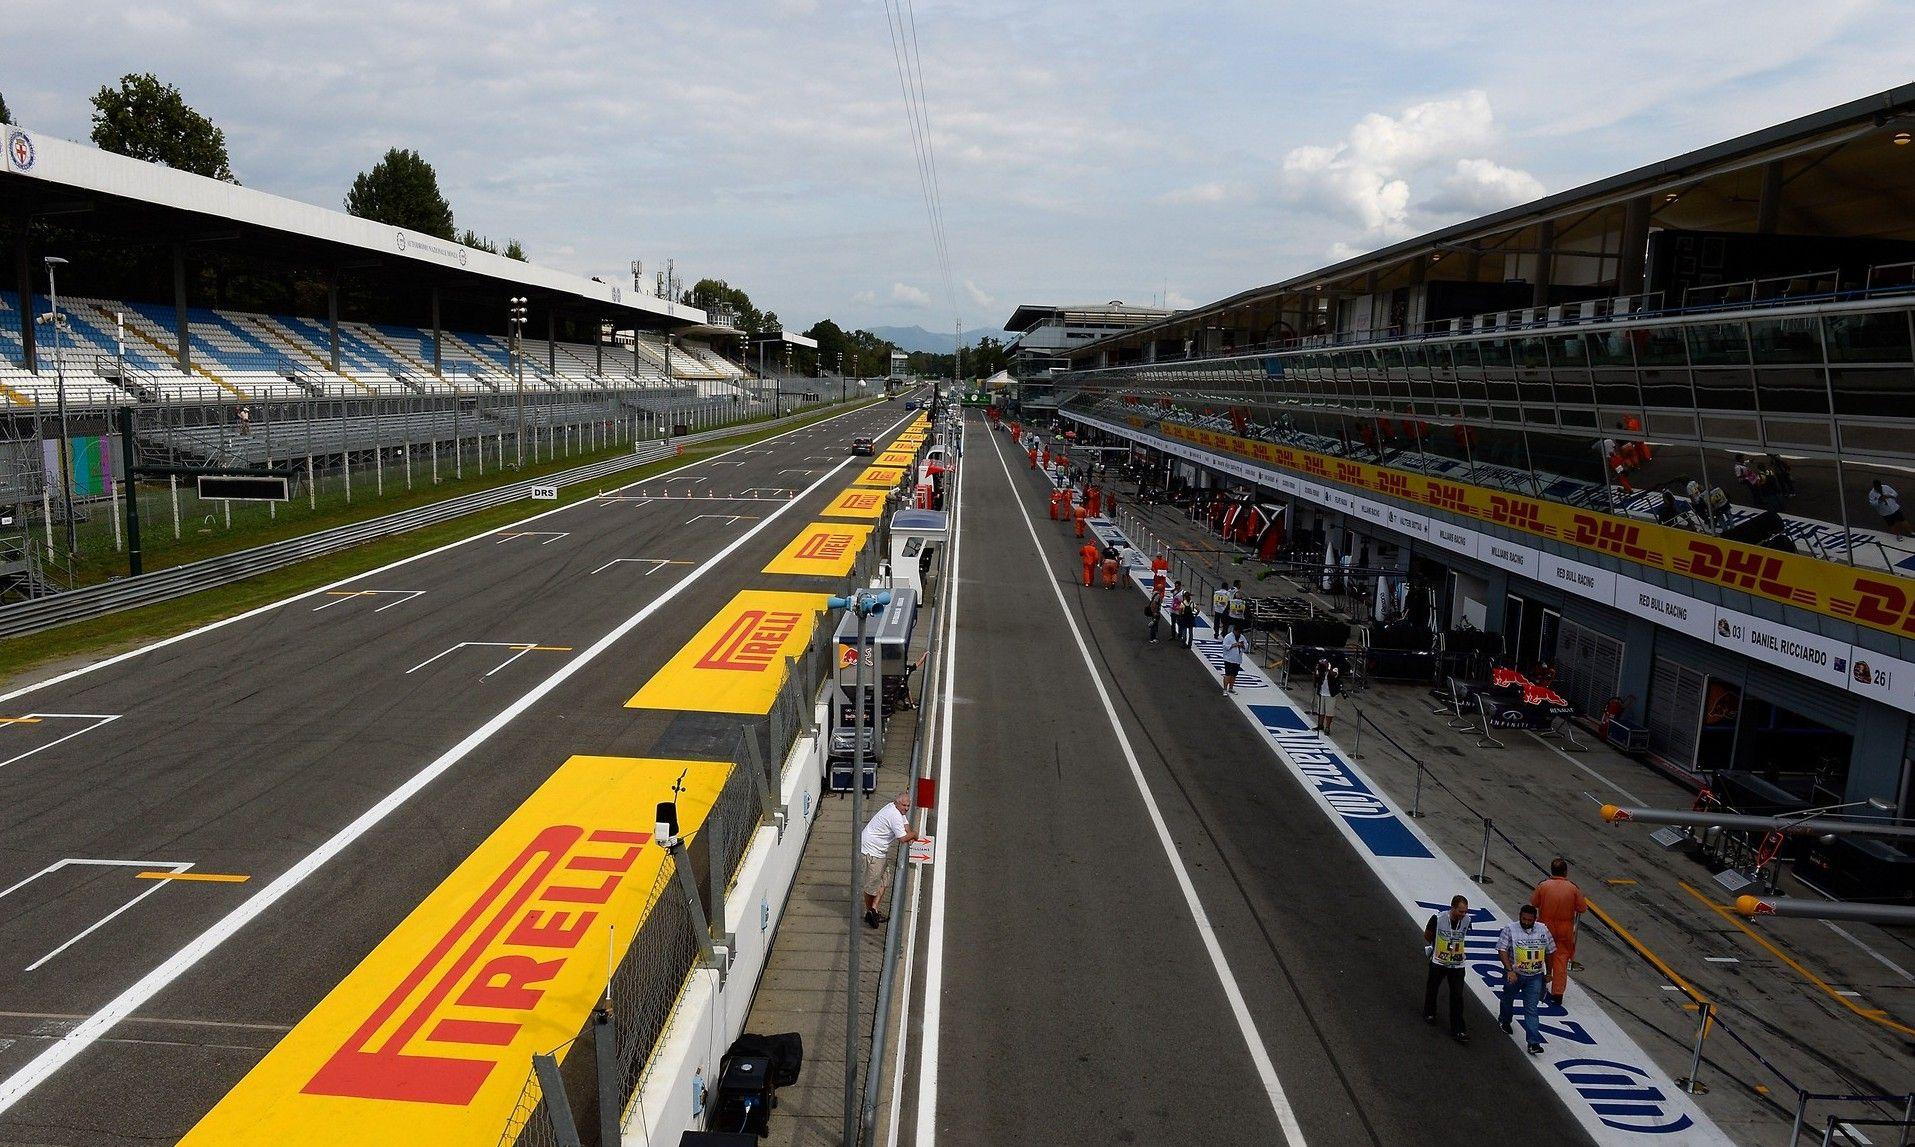 Calendario Monza.F1 Ufficiale Il Calendario 2019 21 Gare A Monza Il 6 8